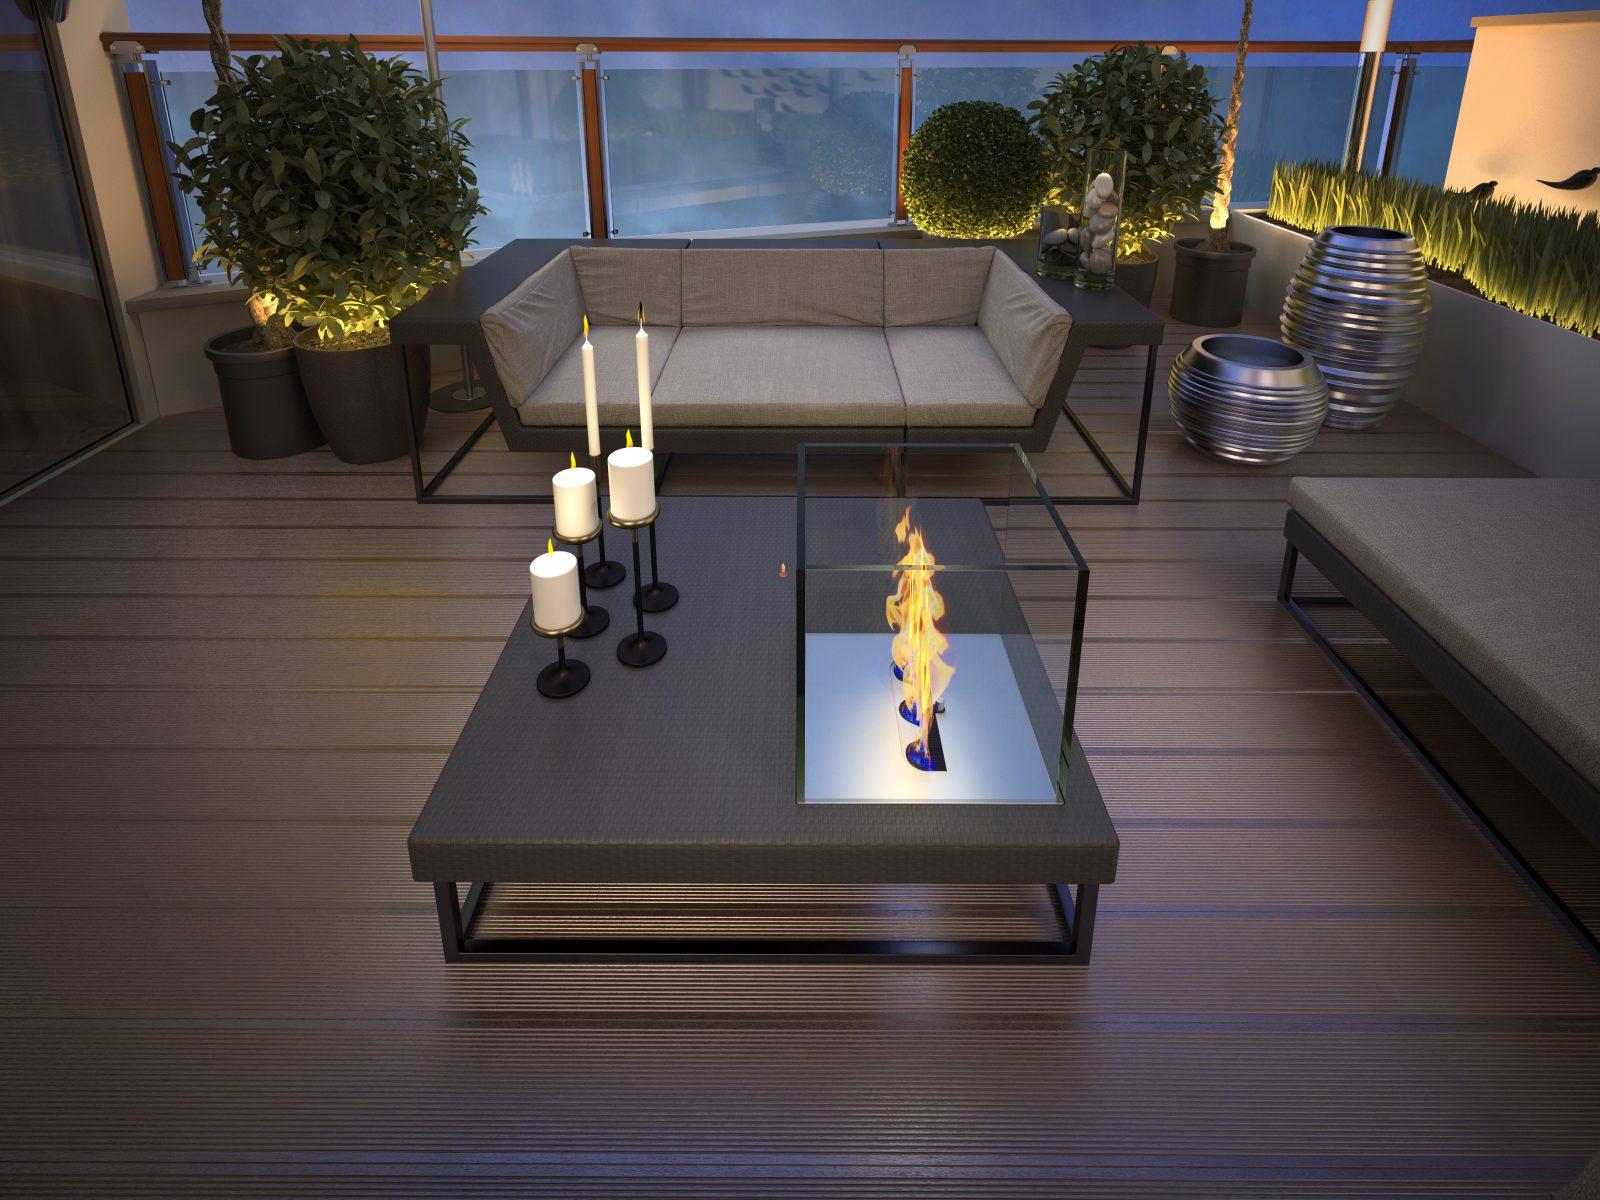 Installer Une Terrasse Sur Un Toit: Cinq Rmations ... serapportantà Acces Toit Terrasse